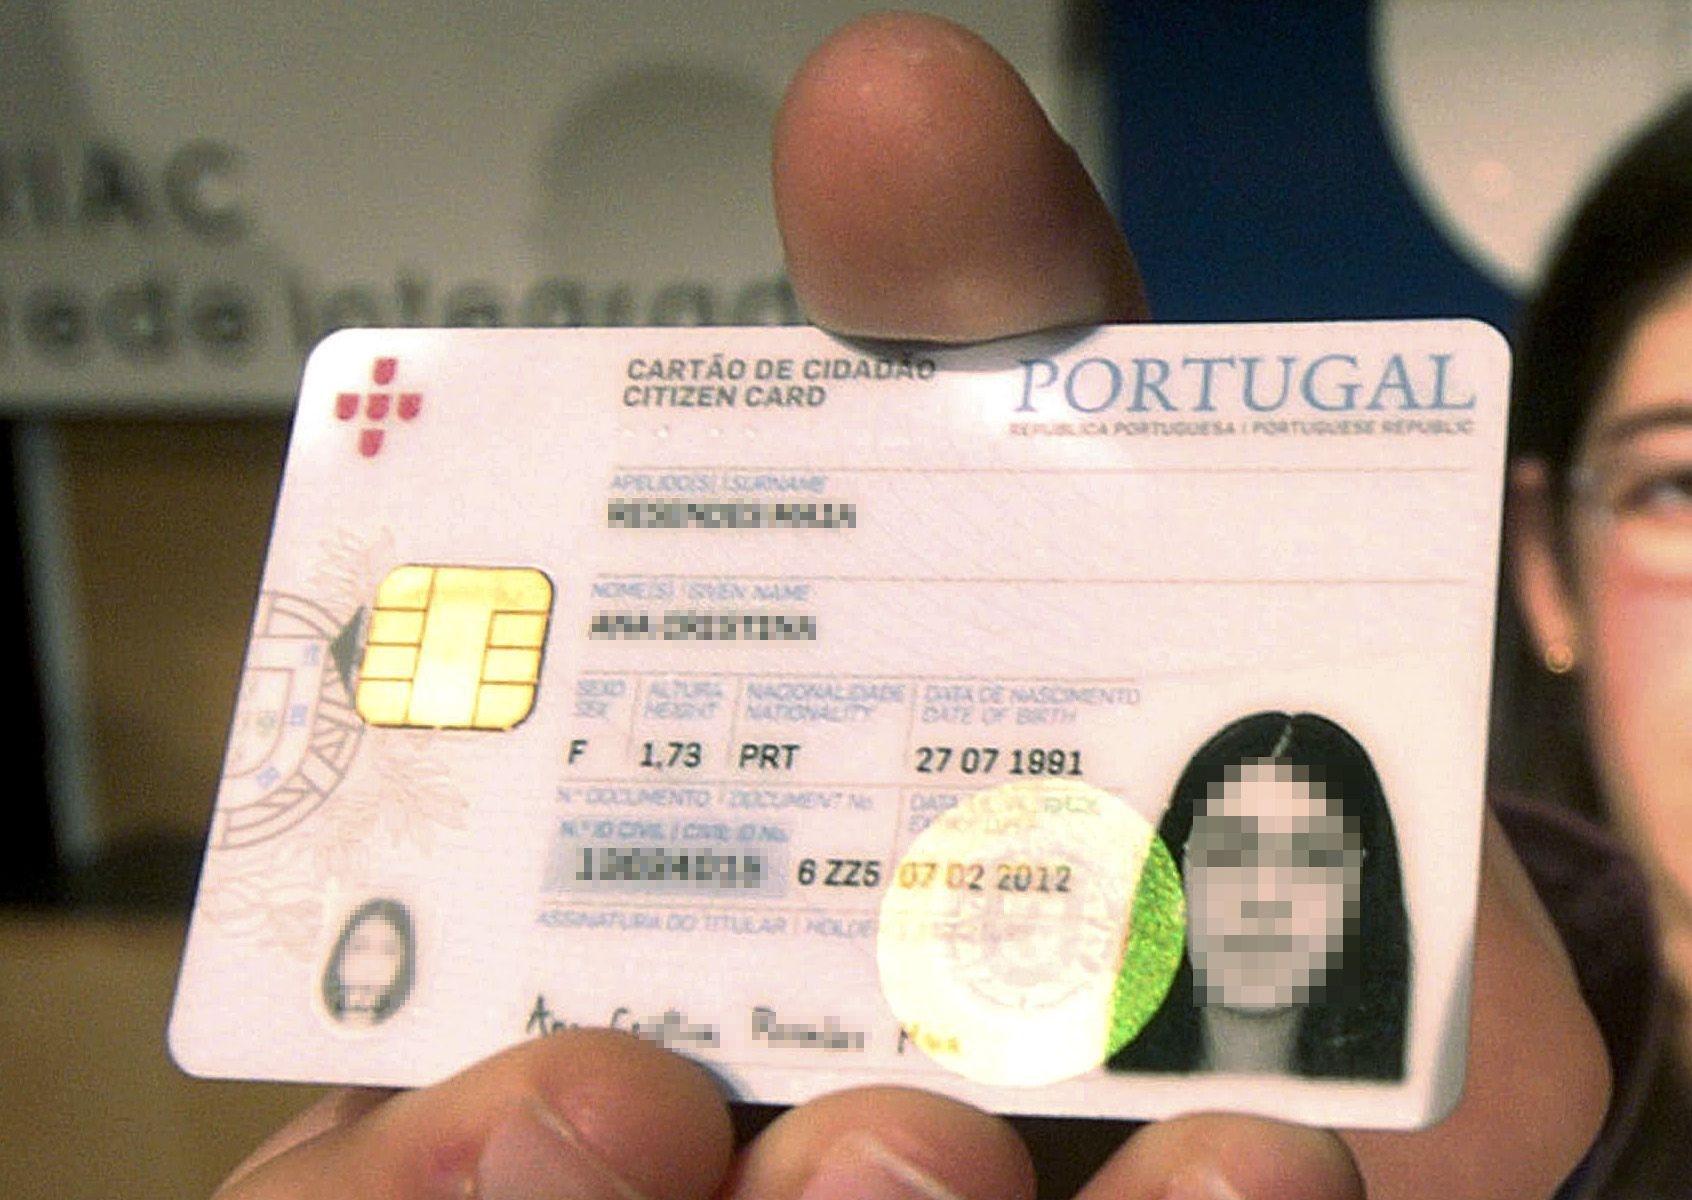 Cartão de cidadão a partir de hoje com prazo de validade geral de dez anos